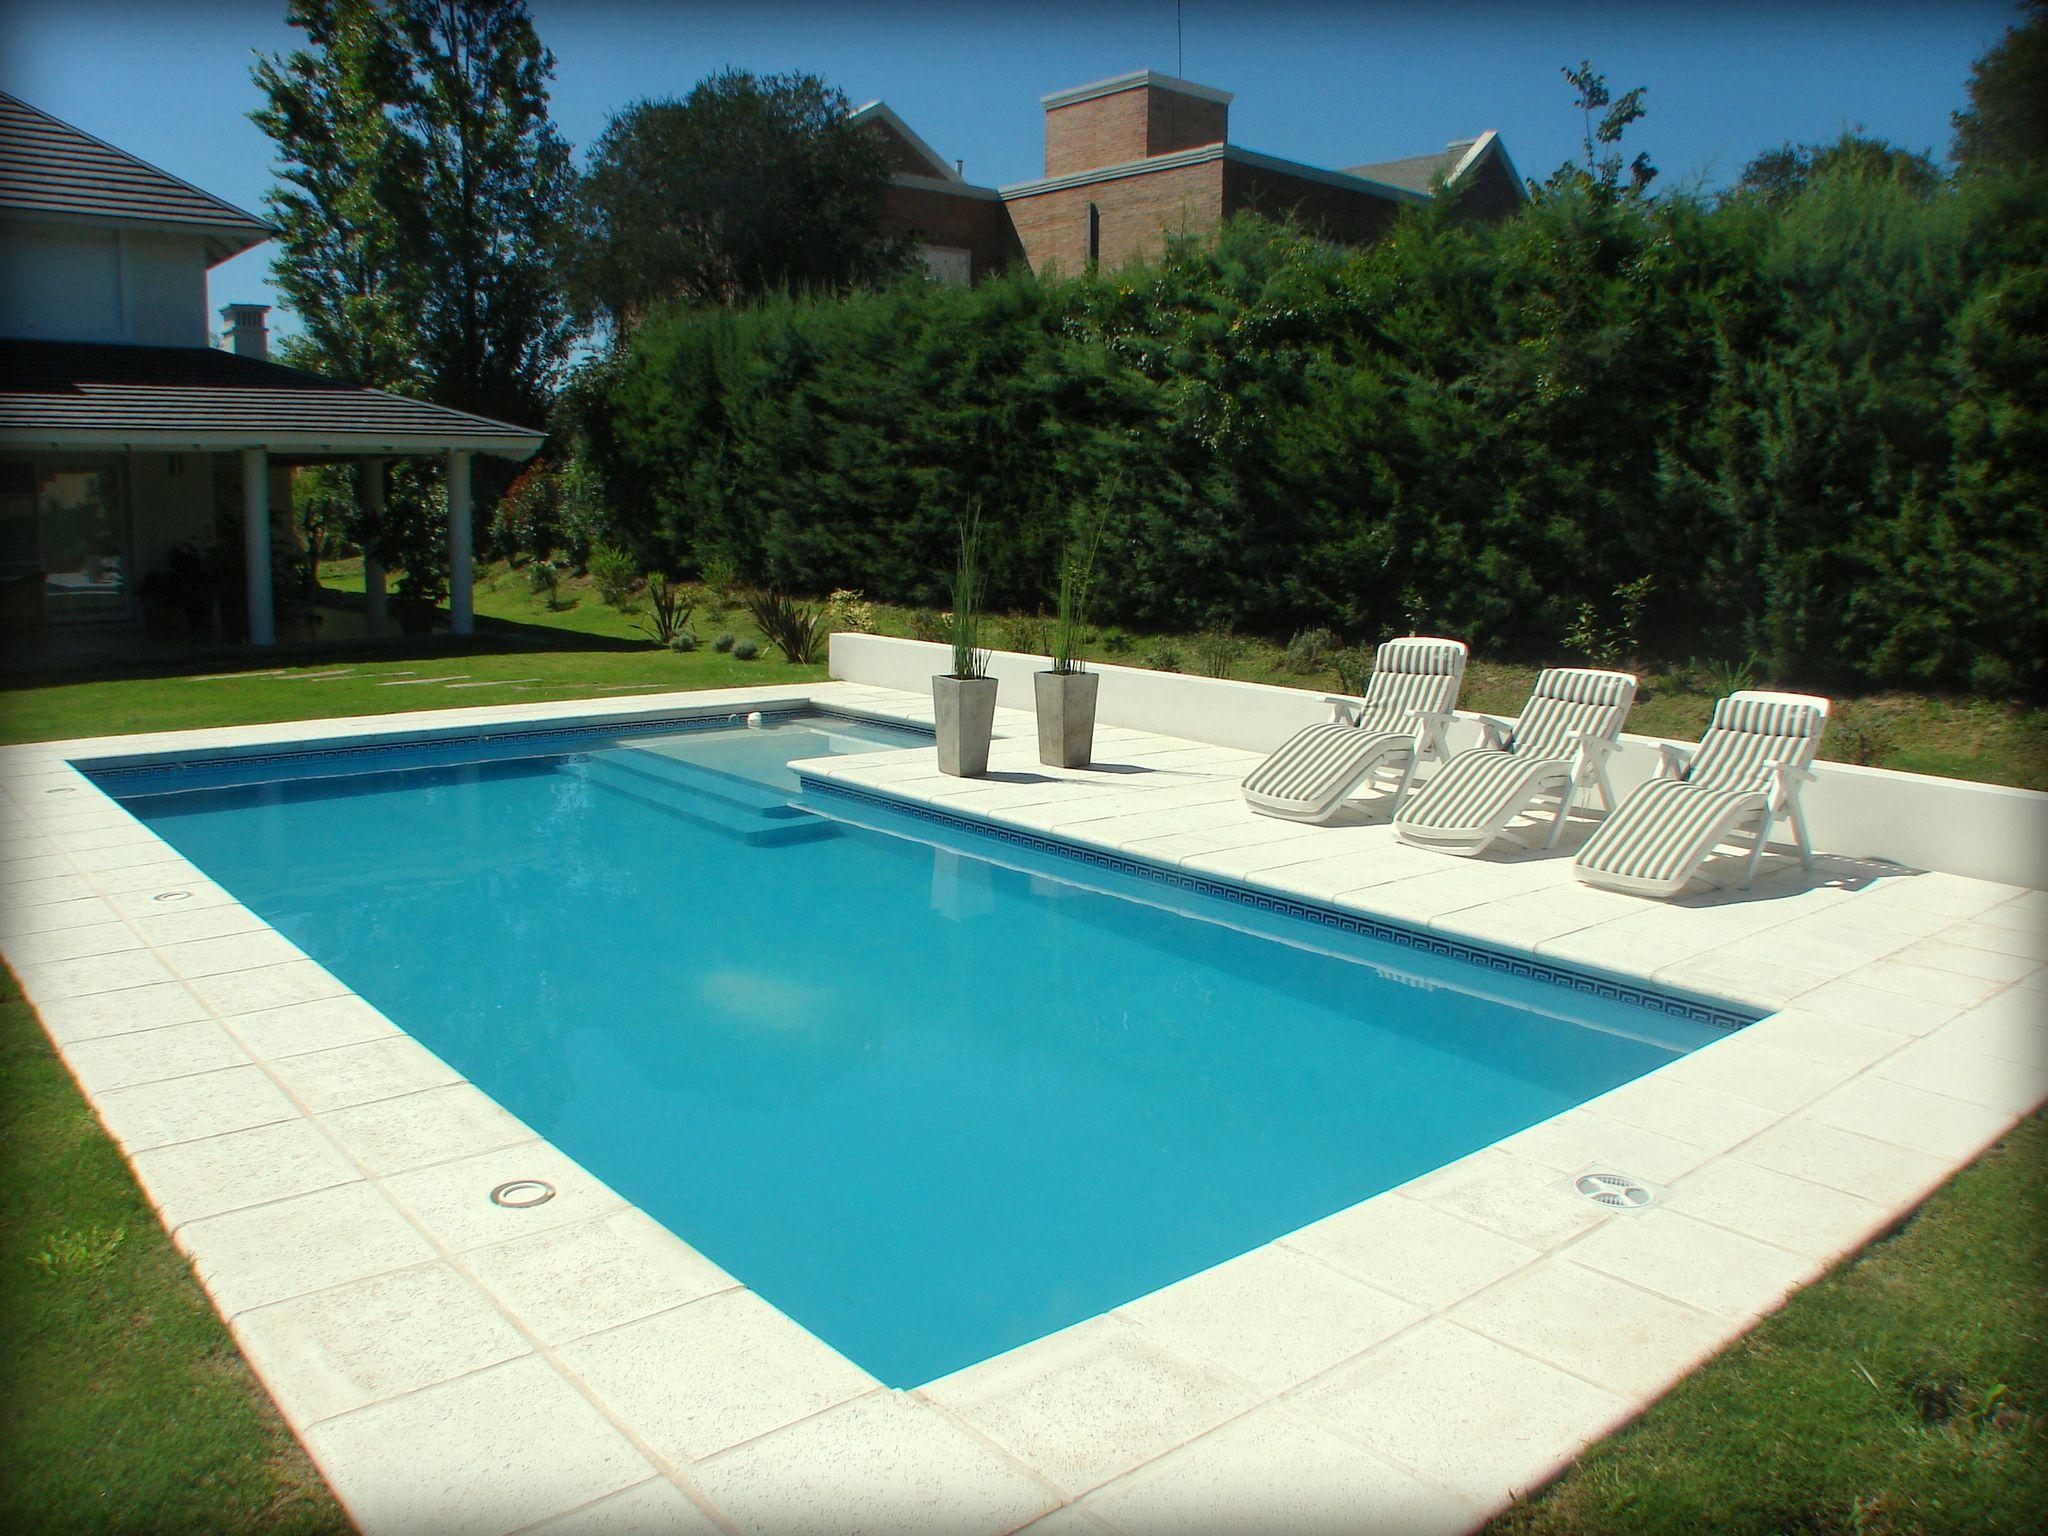 Piscina swimmingpool arquitectura cordoba dise o for Diseno de piscinas para casas de campo